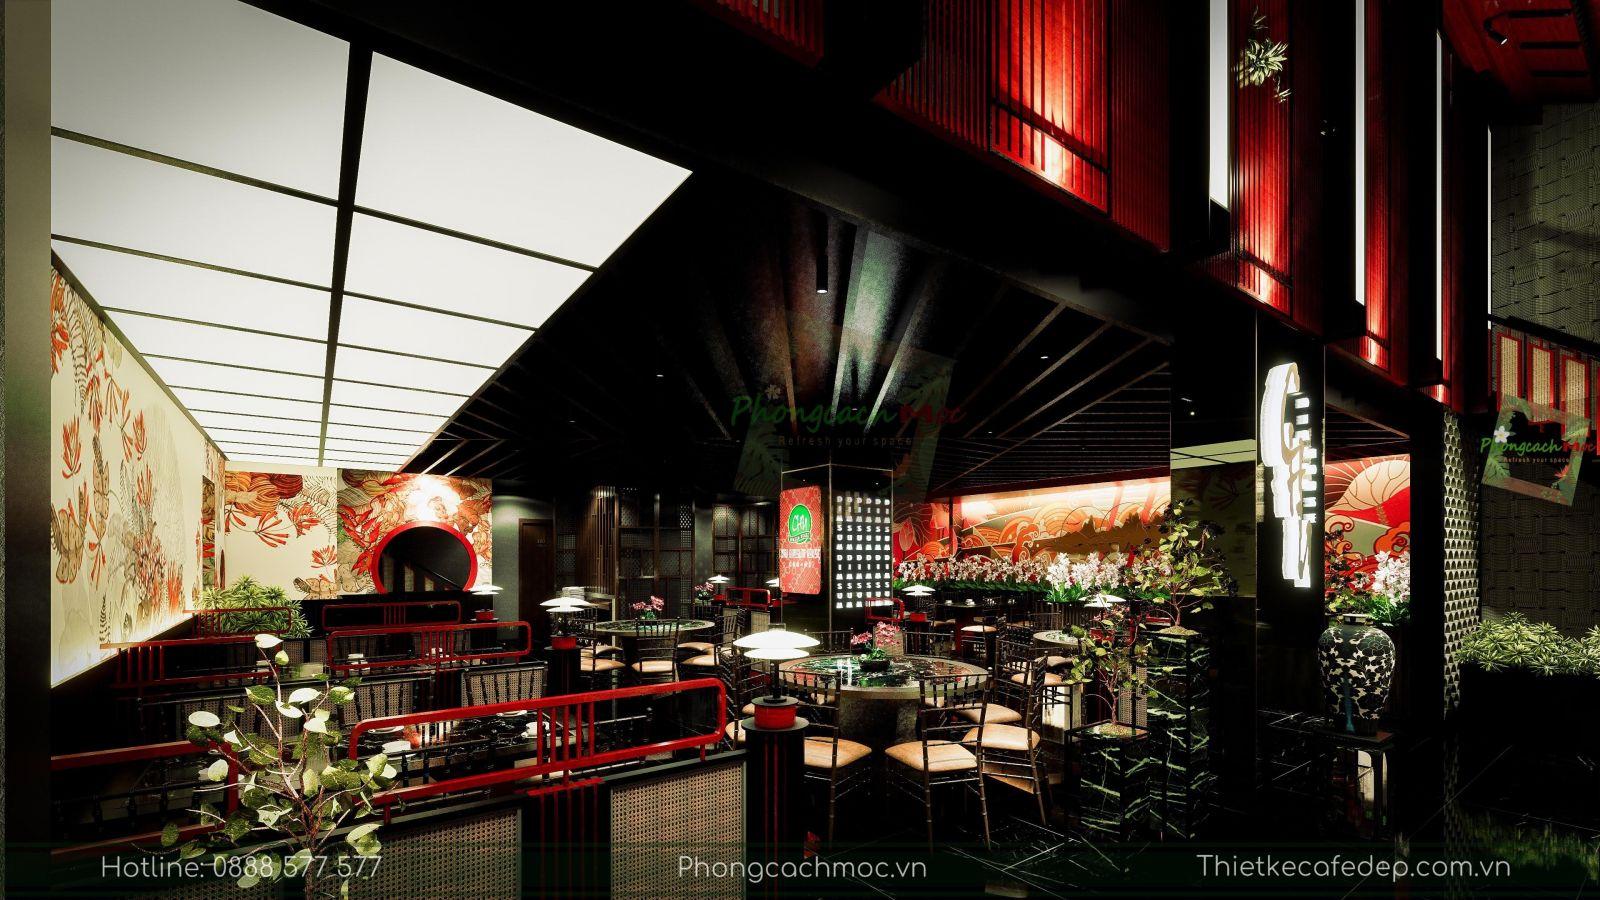 thiết kế nhà hàng trung hoa - không gian tầng trệt - nét văn hóa độc đáo - 9